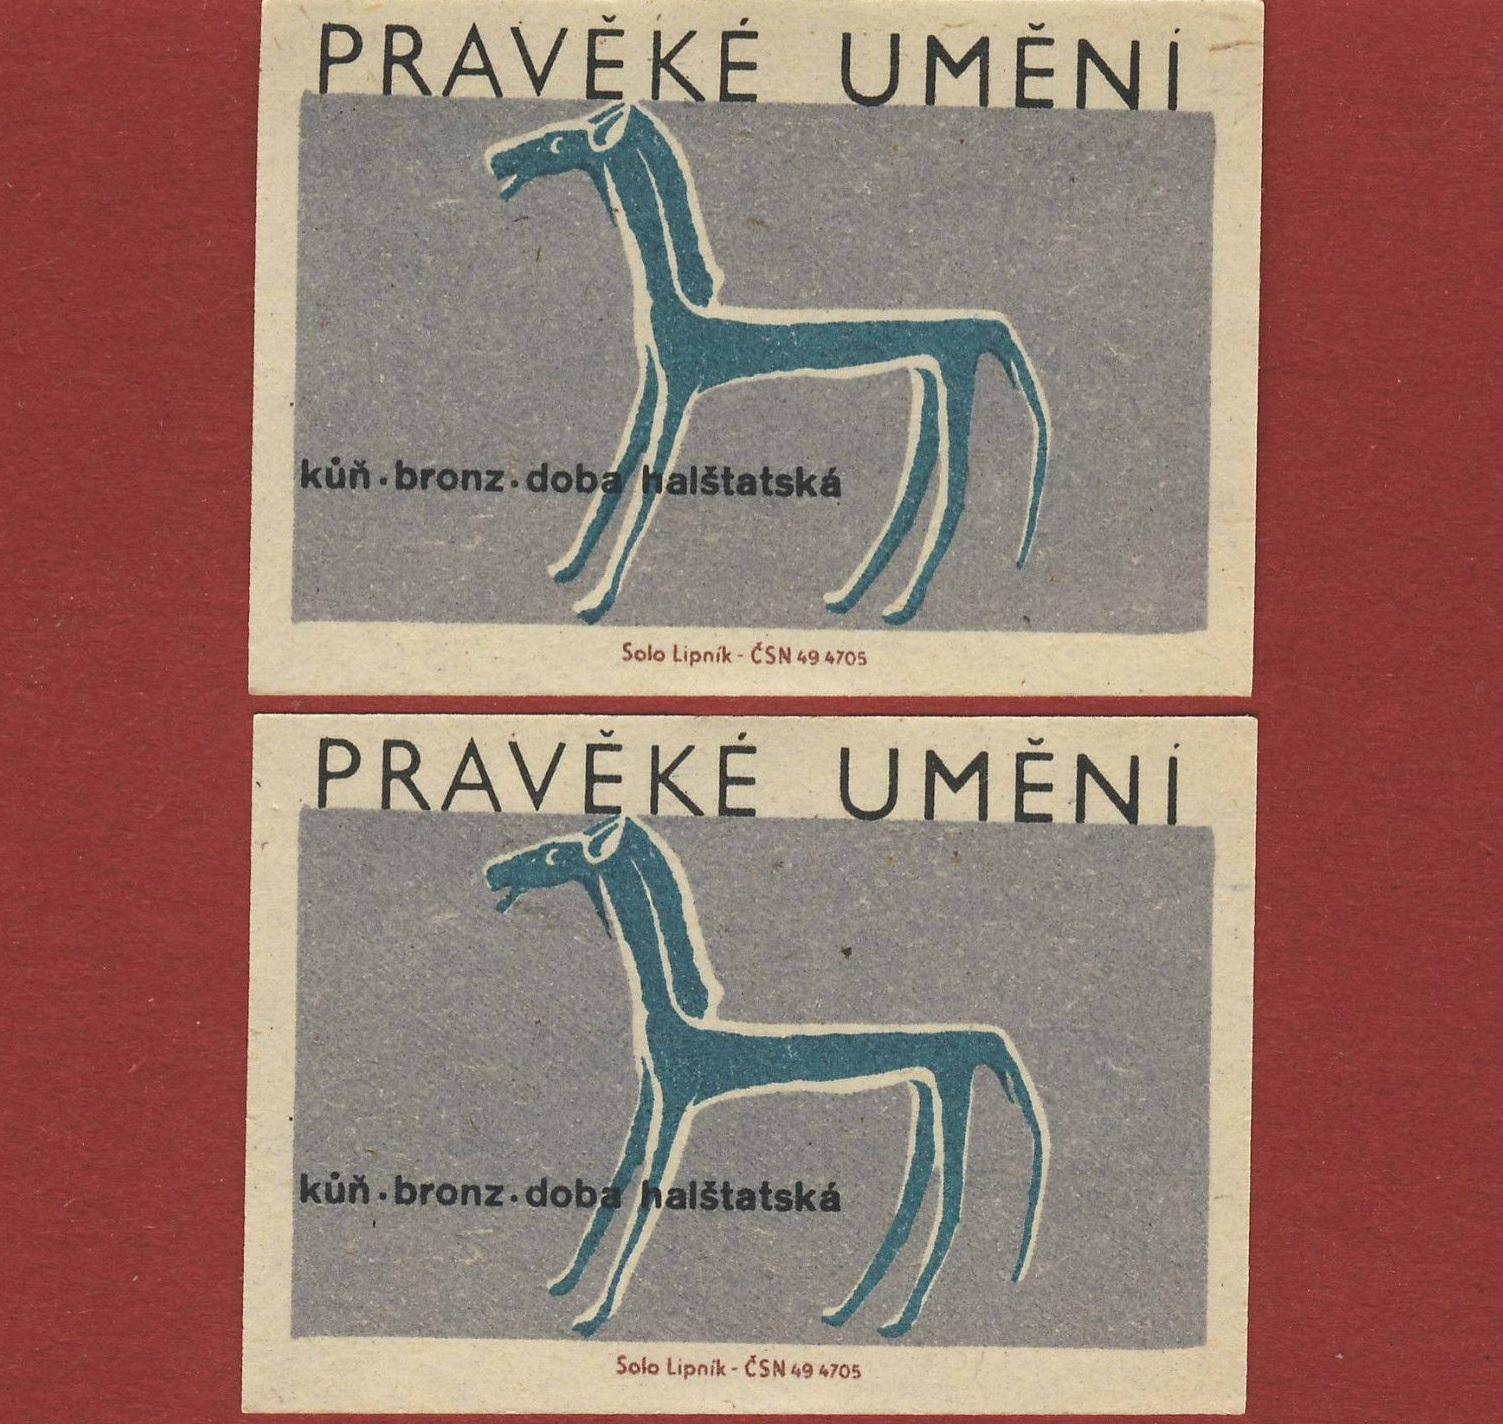 Matchbloc: Czechoslovakian matchbox art from the mid 20th century